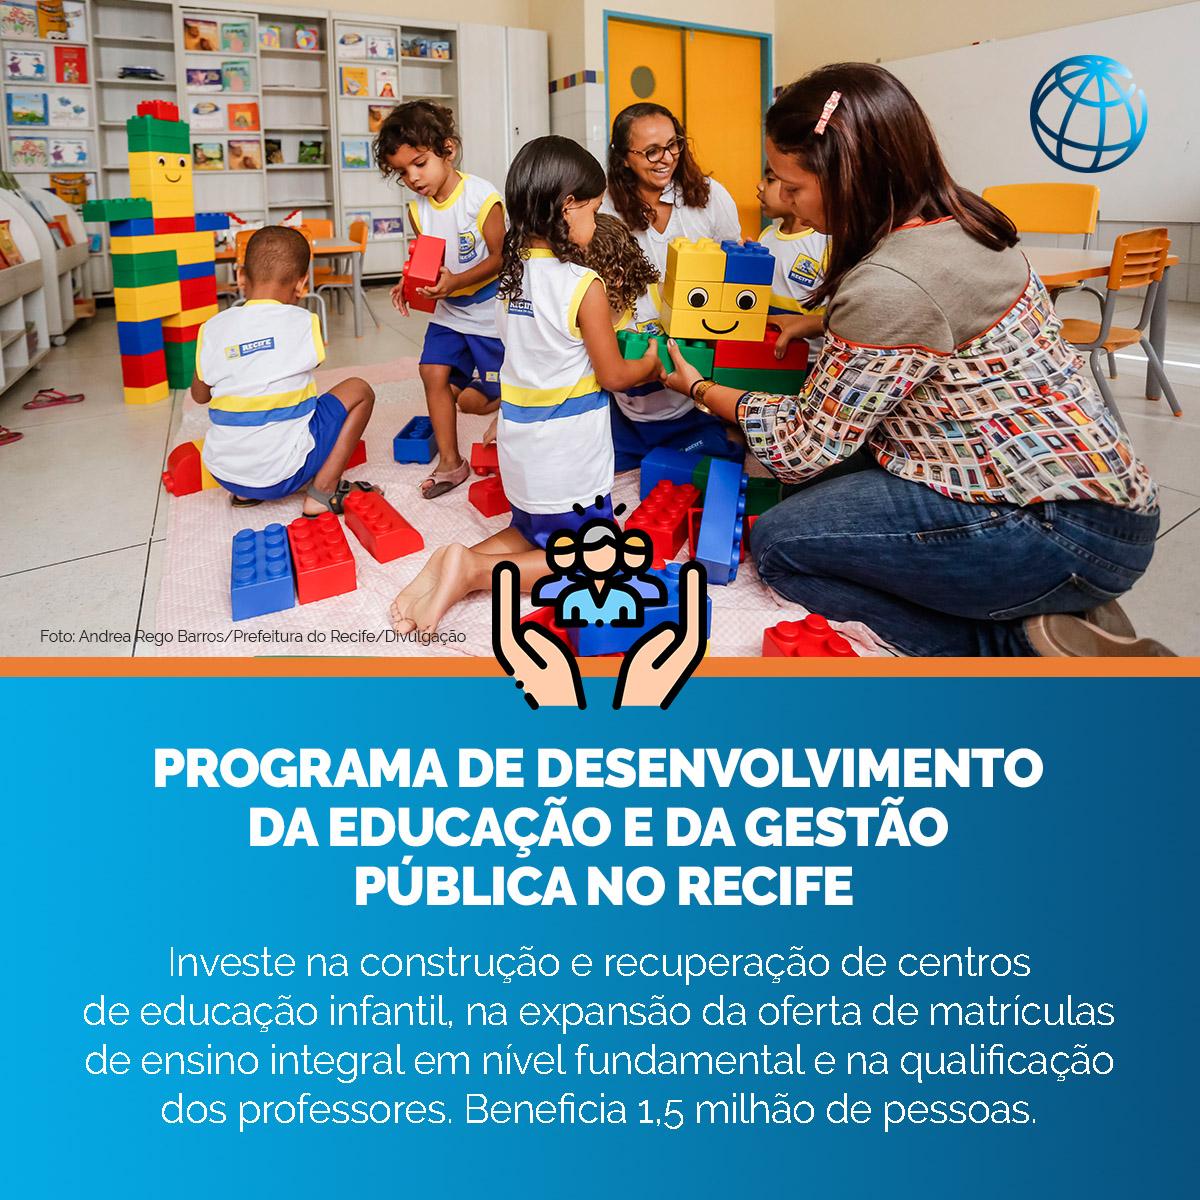 Os investimentos do Banco Mundial no #Recife têm os objetivos de aumentar o acesso e a qualidade da educação infantil e tornar a gestão pública municipal mais eficiente. Conheça melhor os nossos projetos: